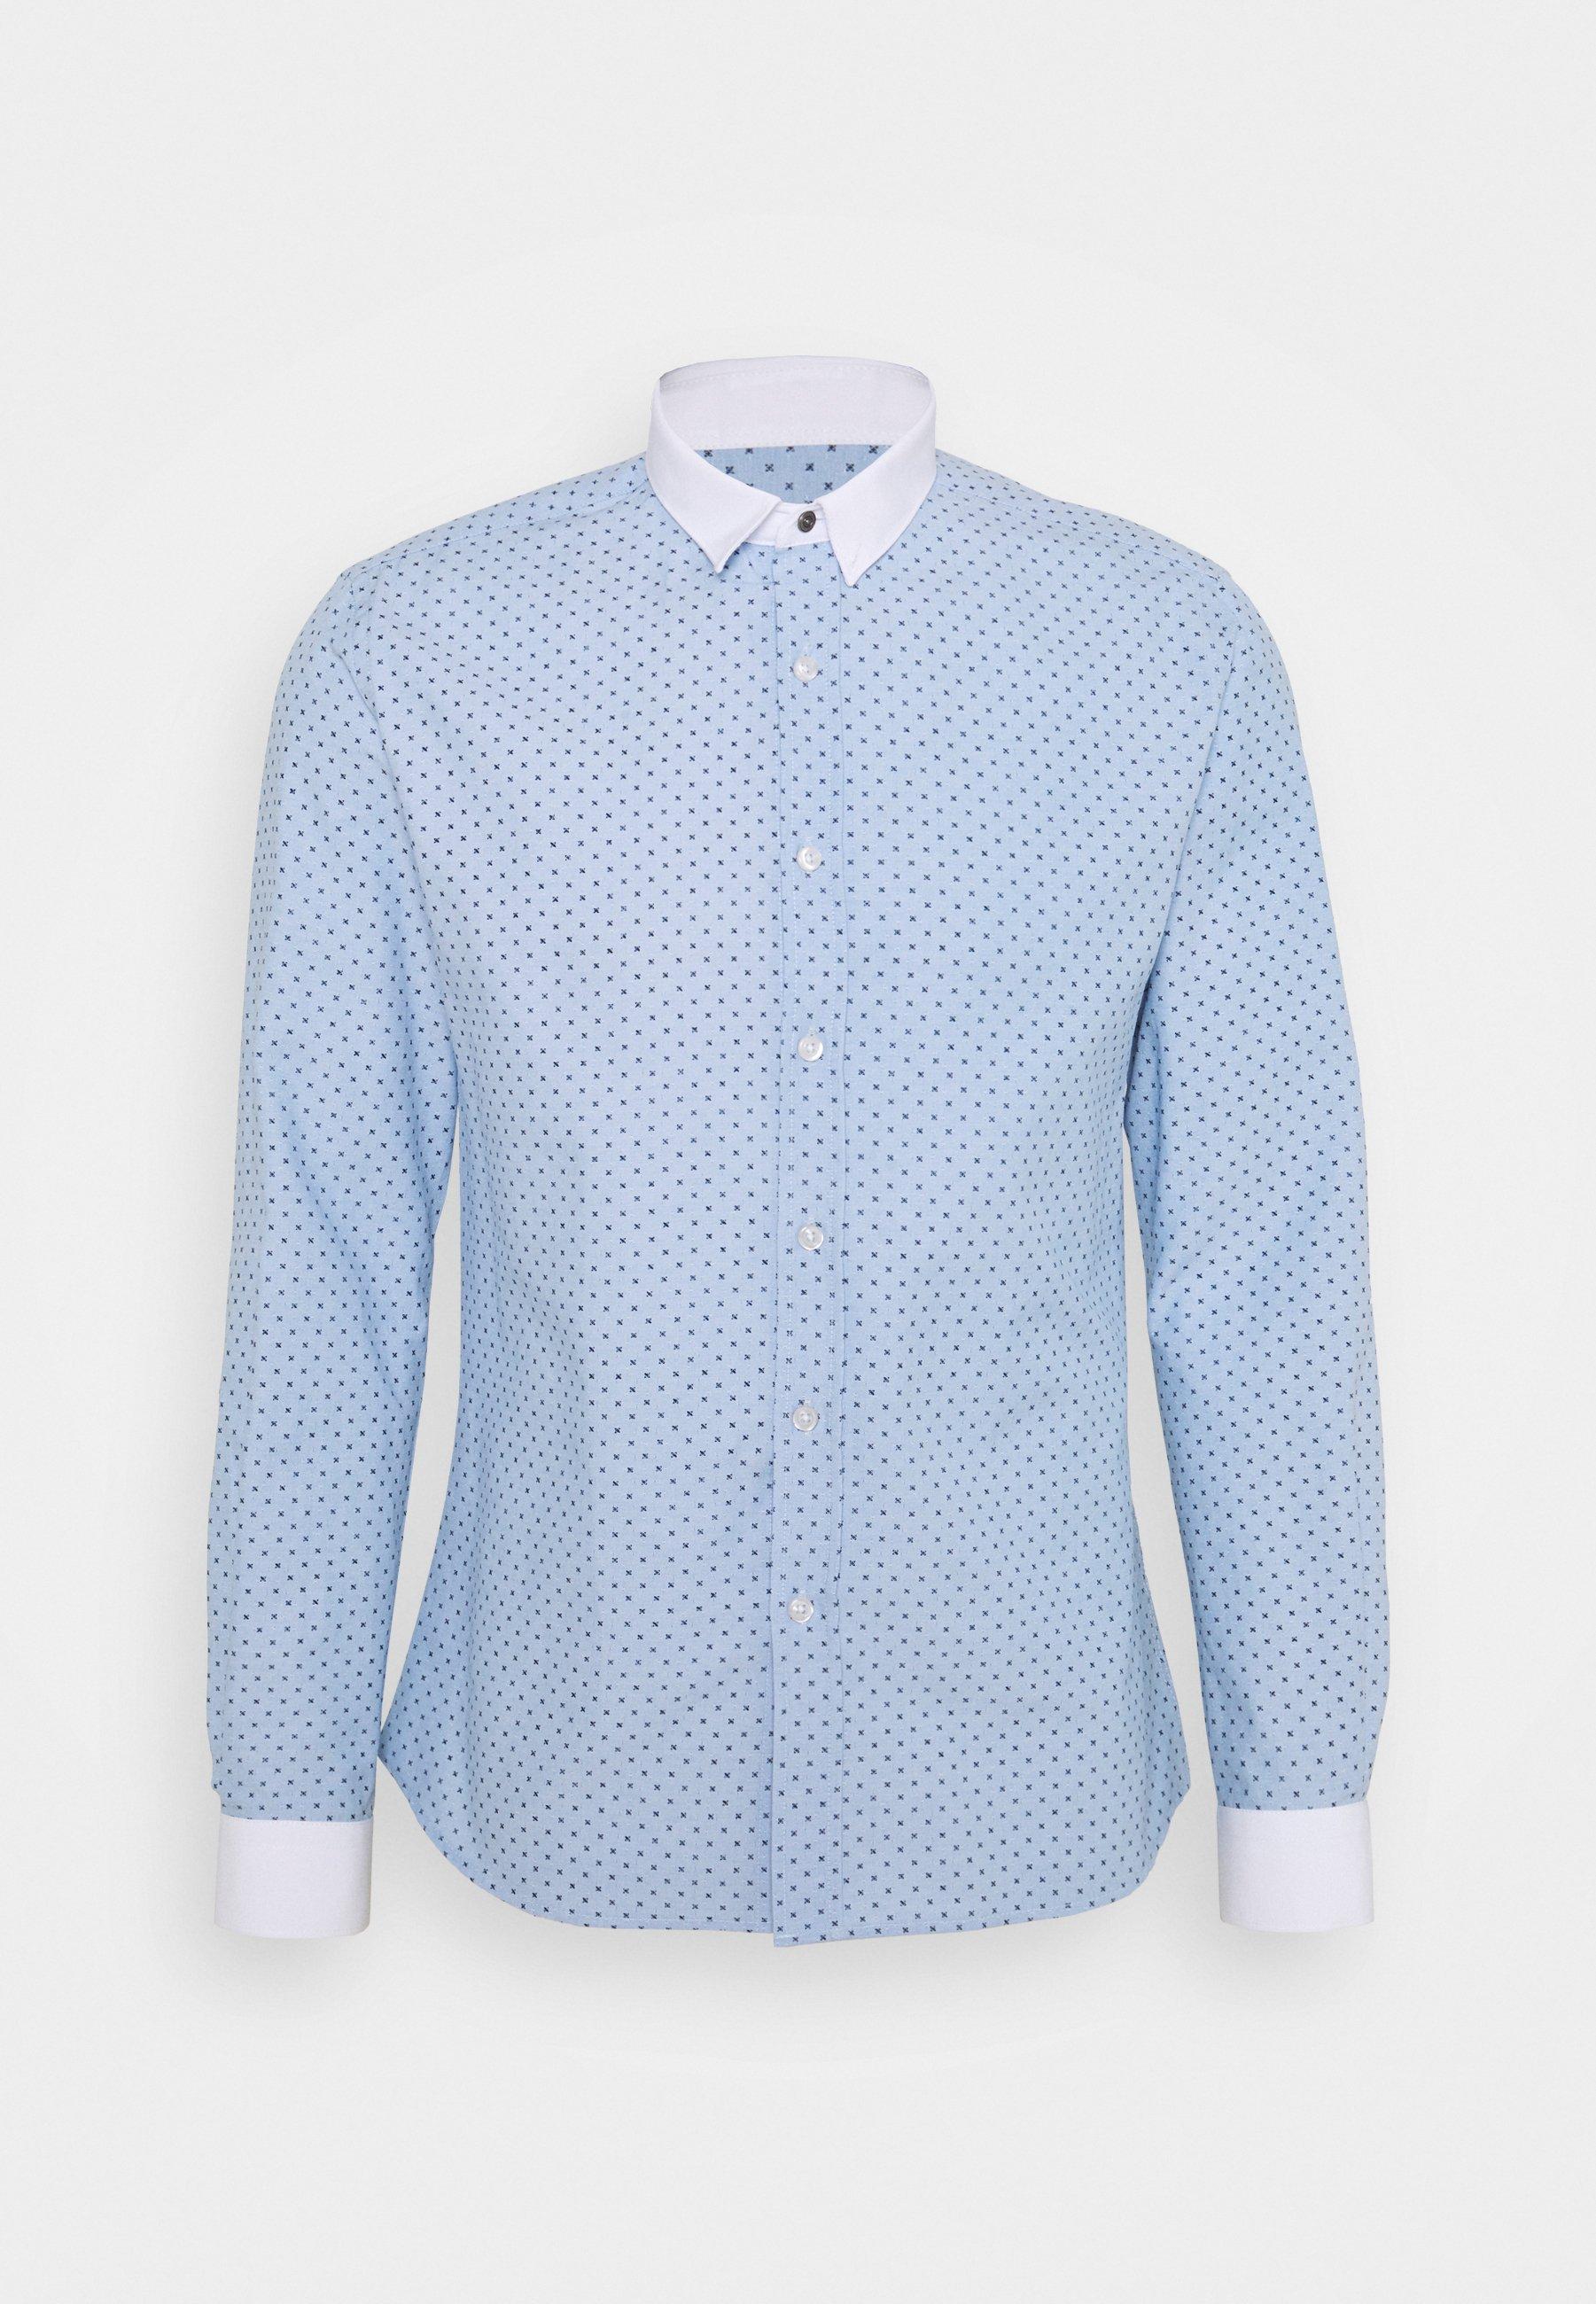 Uomo HARTLEY SHIRT - Camicia